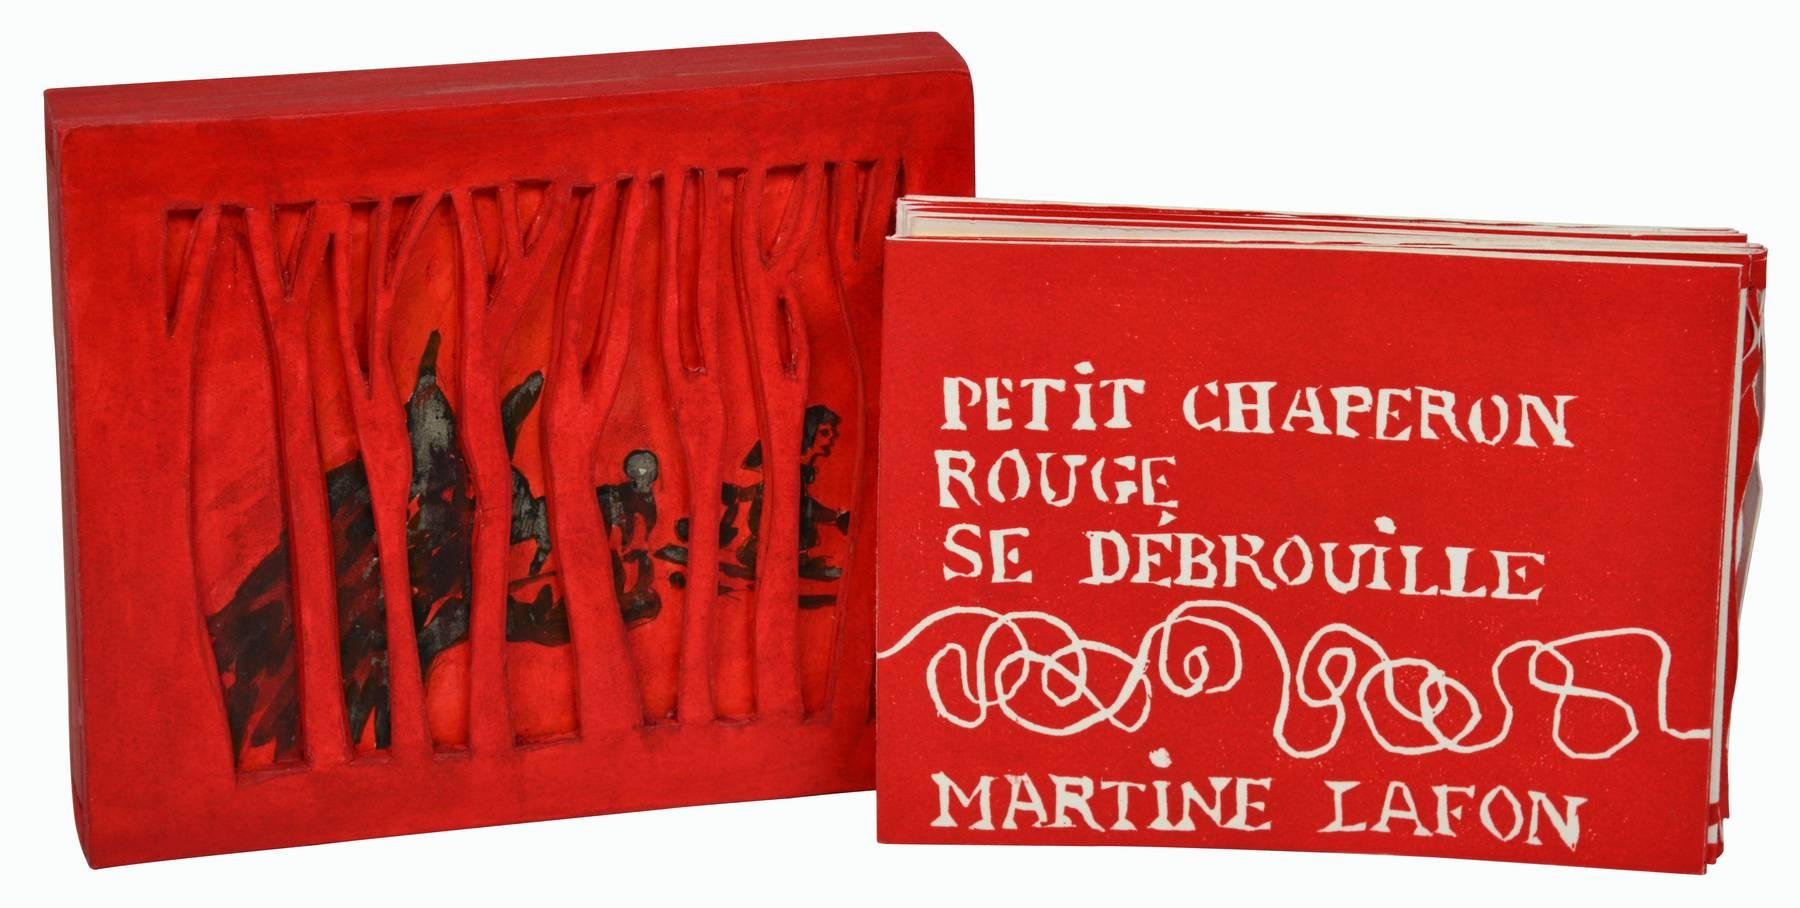 Contenu du Livre d'artiste - Le Petit Chaperon rouge dans son coffret